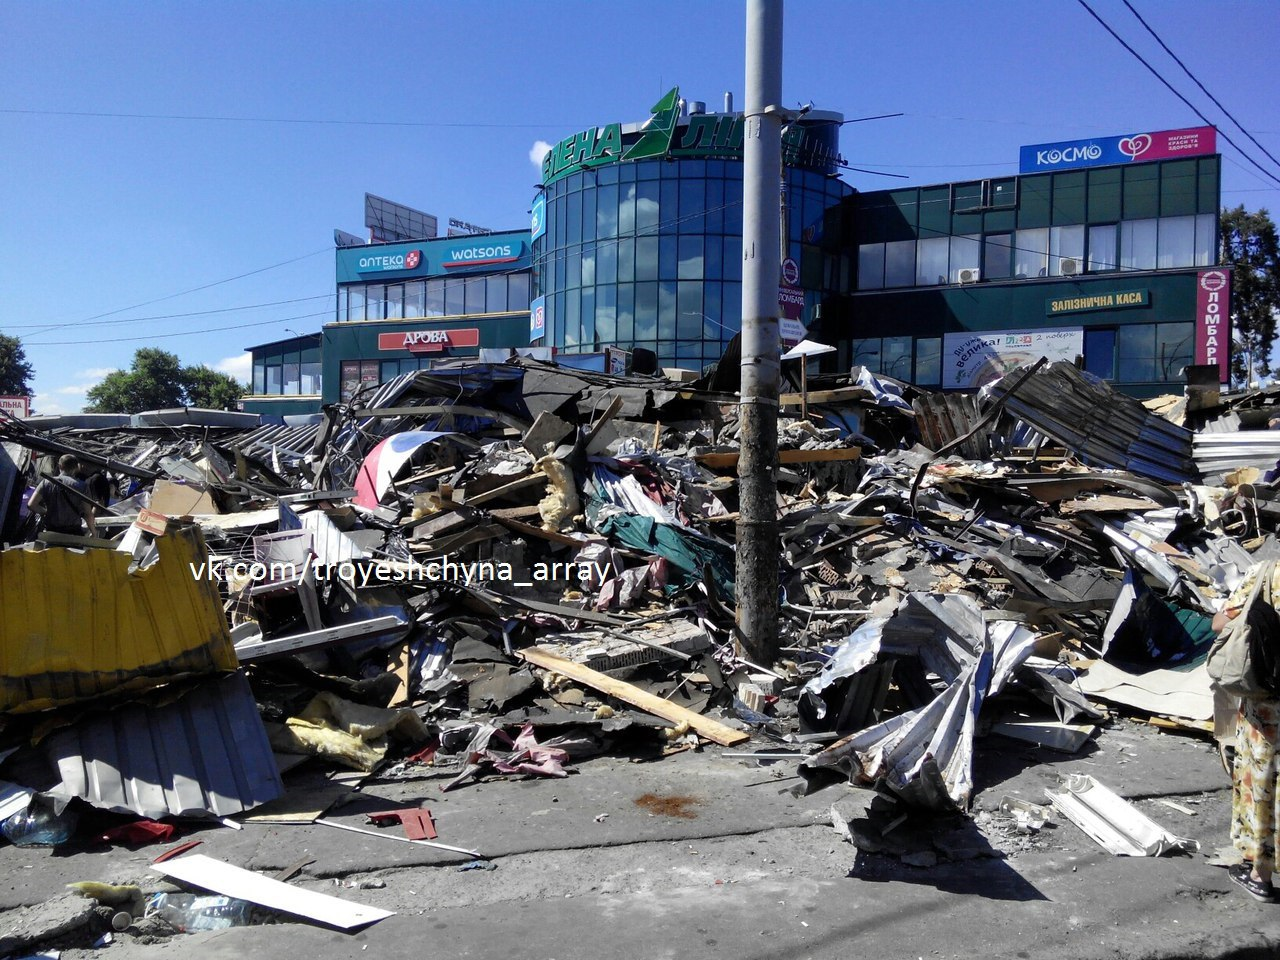 ВКиеве демонтировали неменее 7 тыс. МАФов